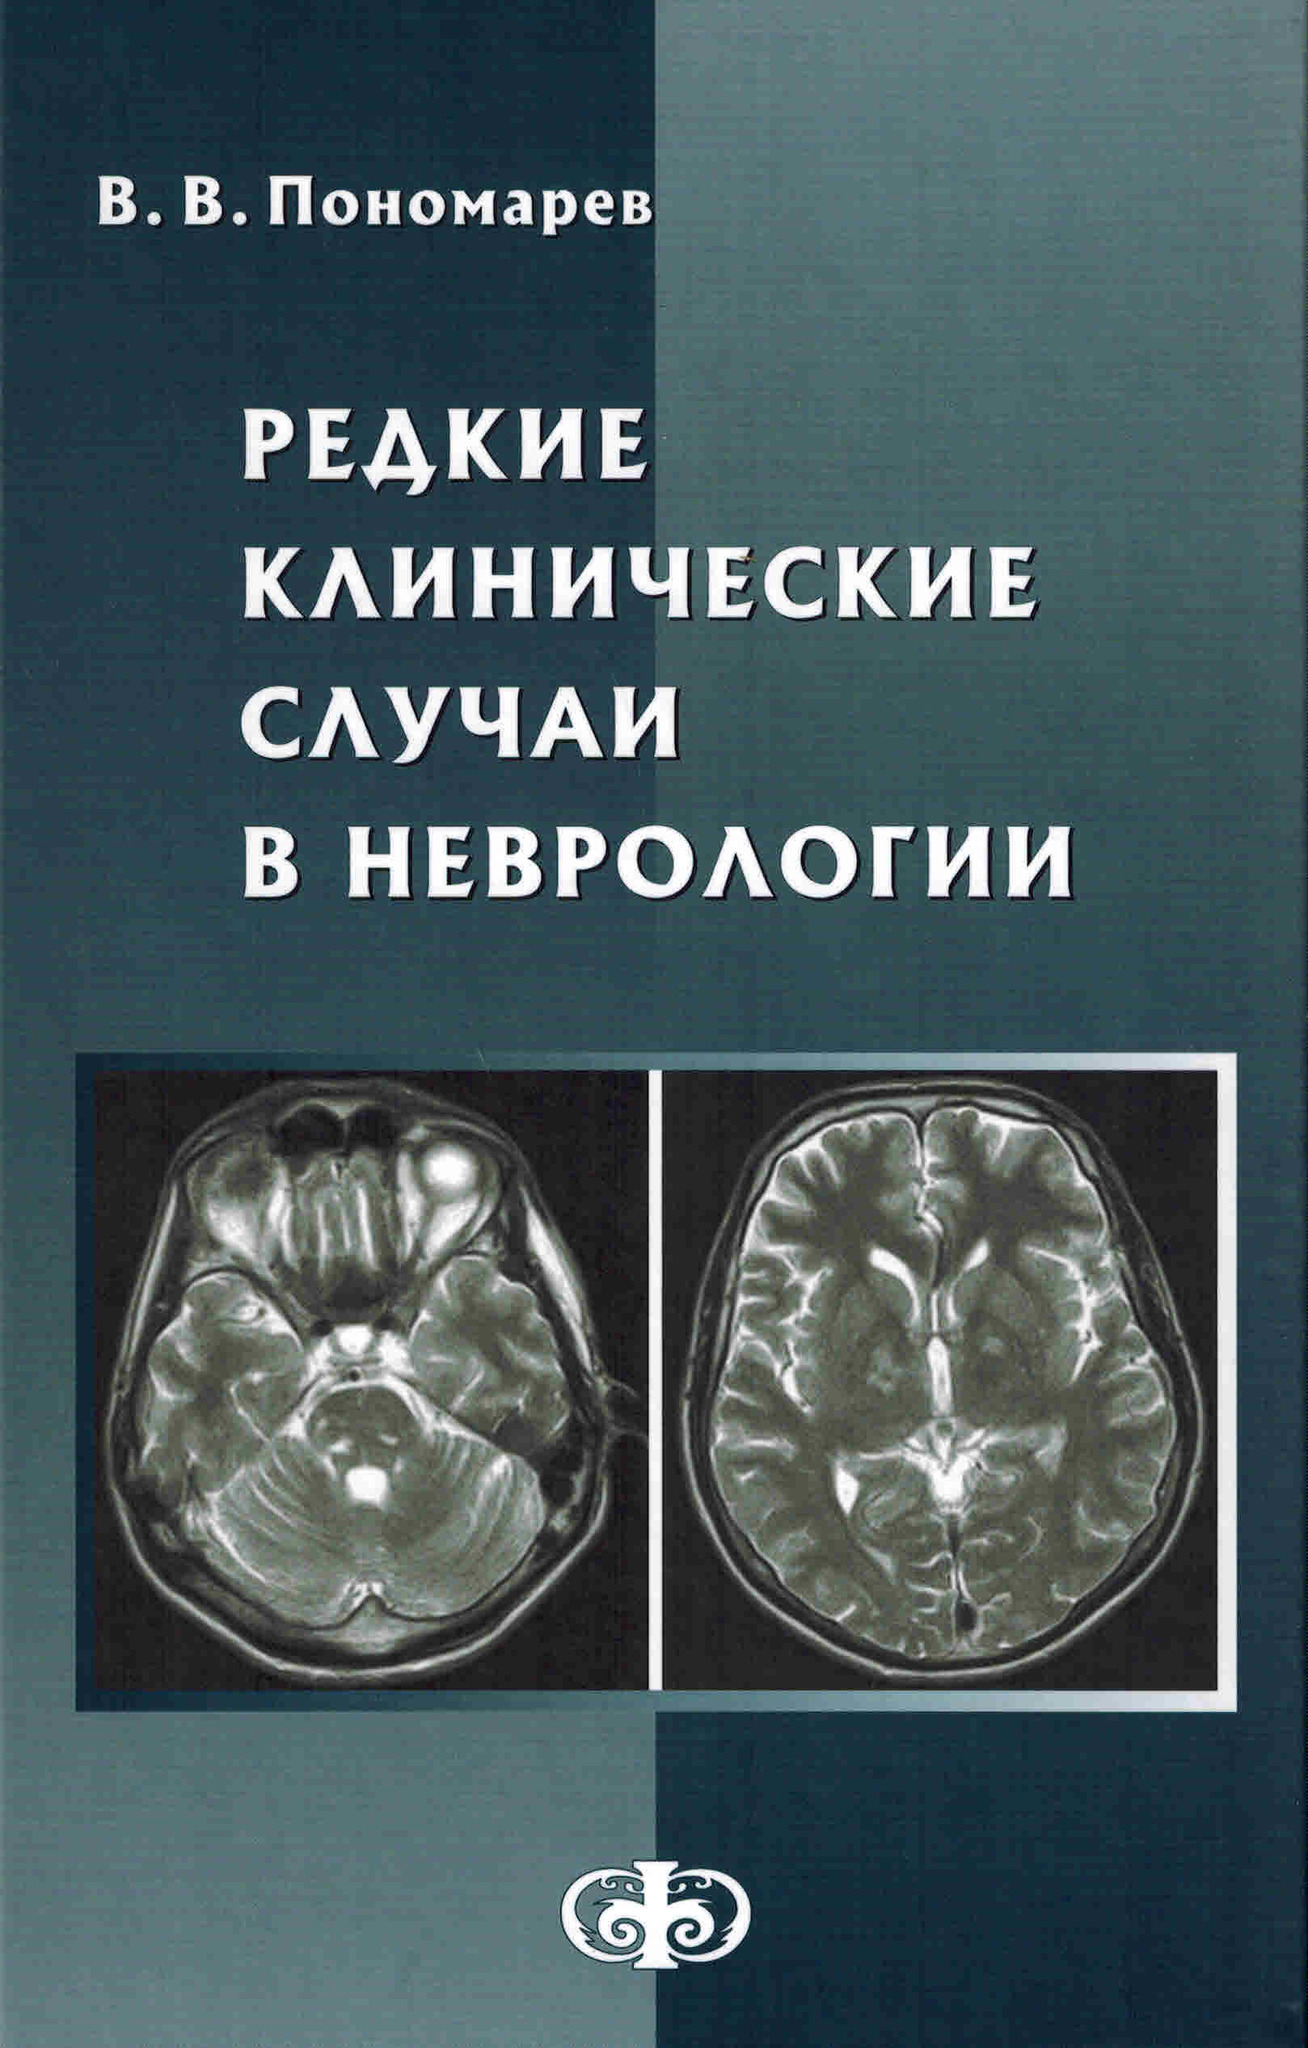 Книги студентам медикам Редкие клинические случаи  в неврологии (случаи из практики) redkie_klin_slu_v_nevr.jpg